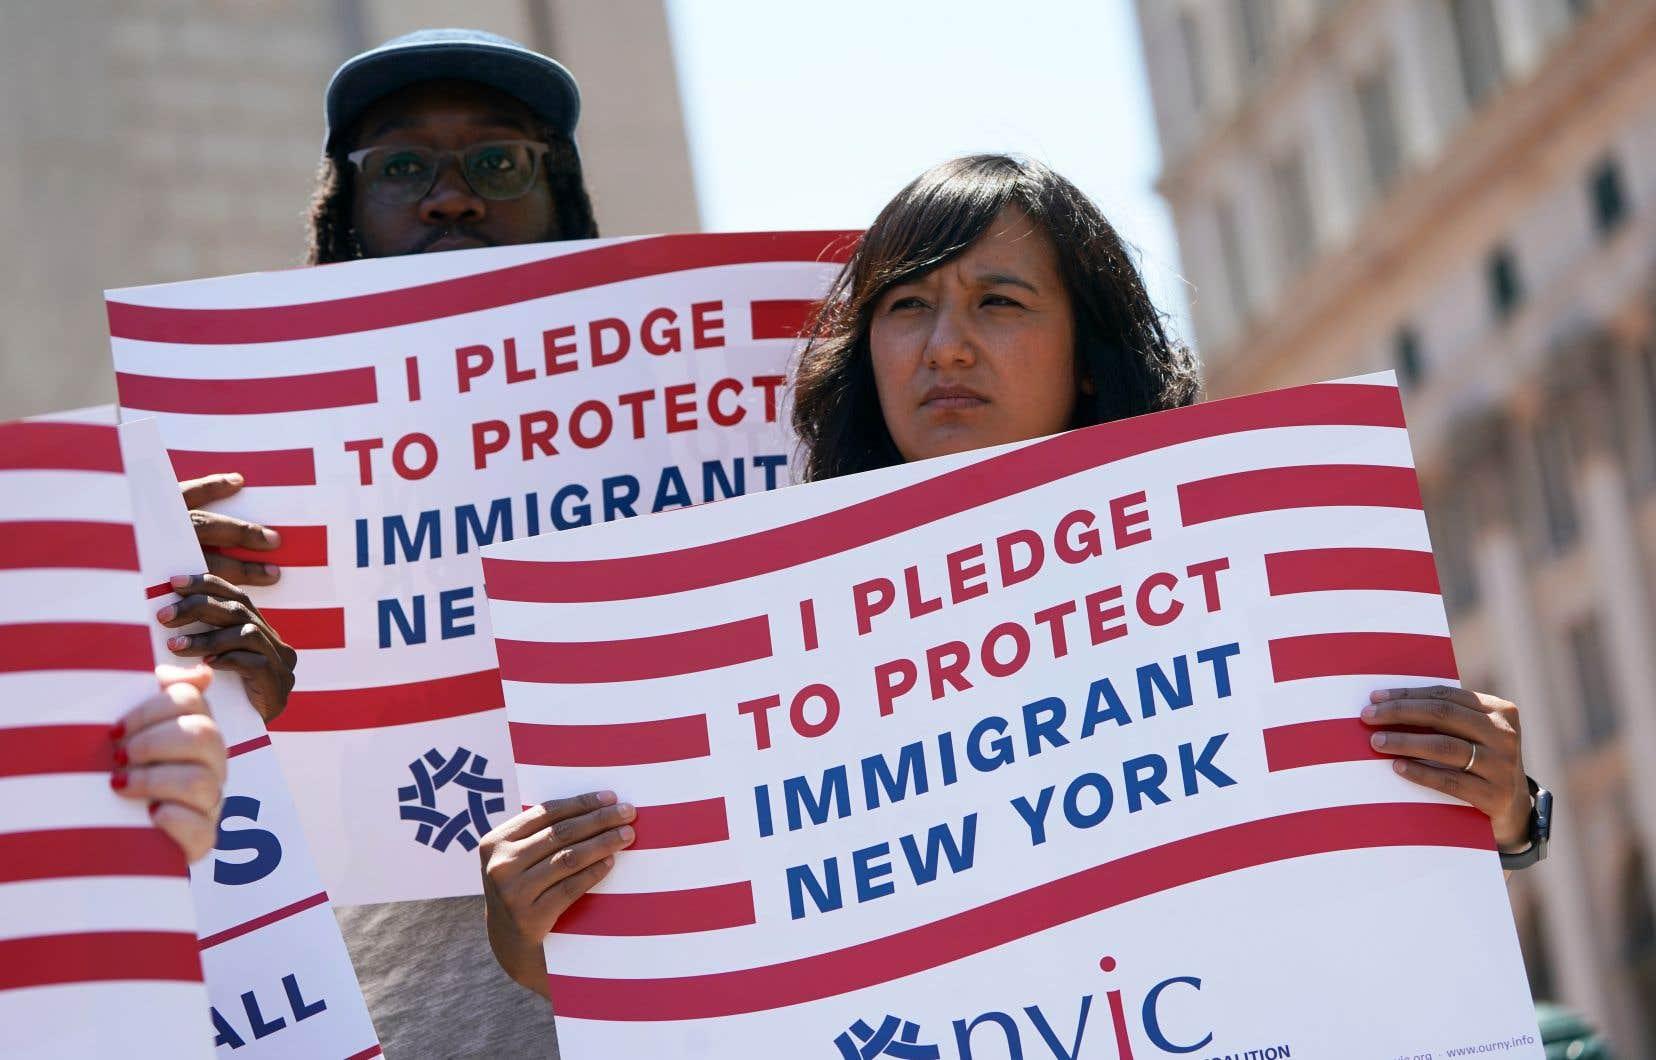 En vertu d'une politique de «tolérance zéro» envers l'immigration clandestine instaurée début mai, plus de 2300 mineurs ont été séparés de leurs parents qui ont franchi illégalement la frontière américaine.